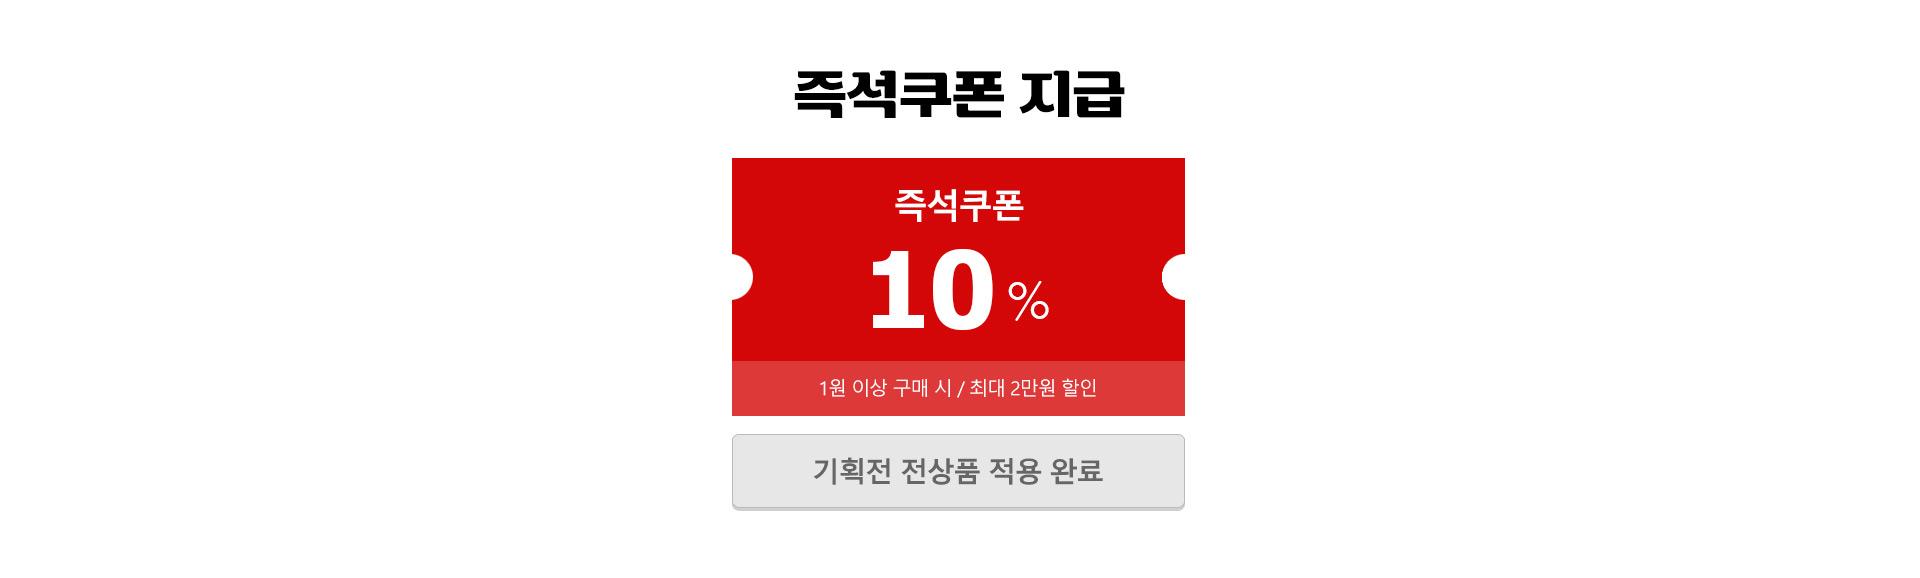 즉석쿠폰 지급 즉석쿠폰 10% 1원이상 구매 시 최대 2만원 할인 기획전 전상품 적용 완료